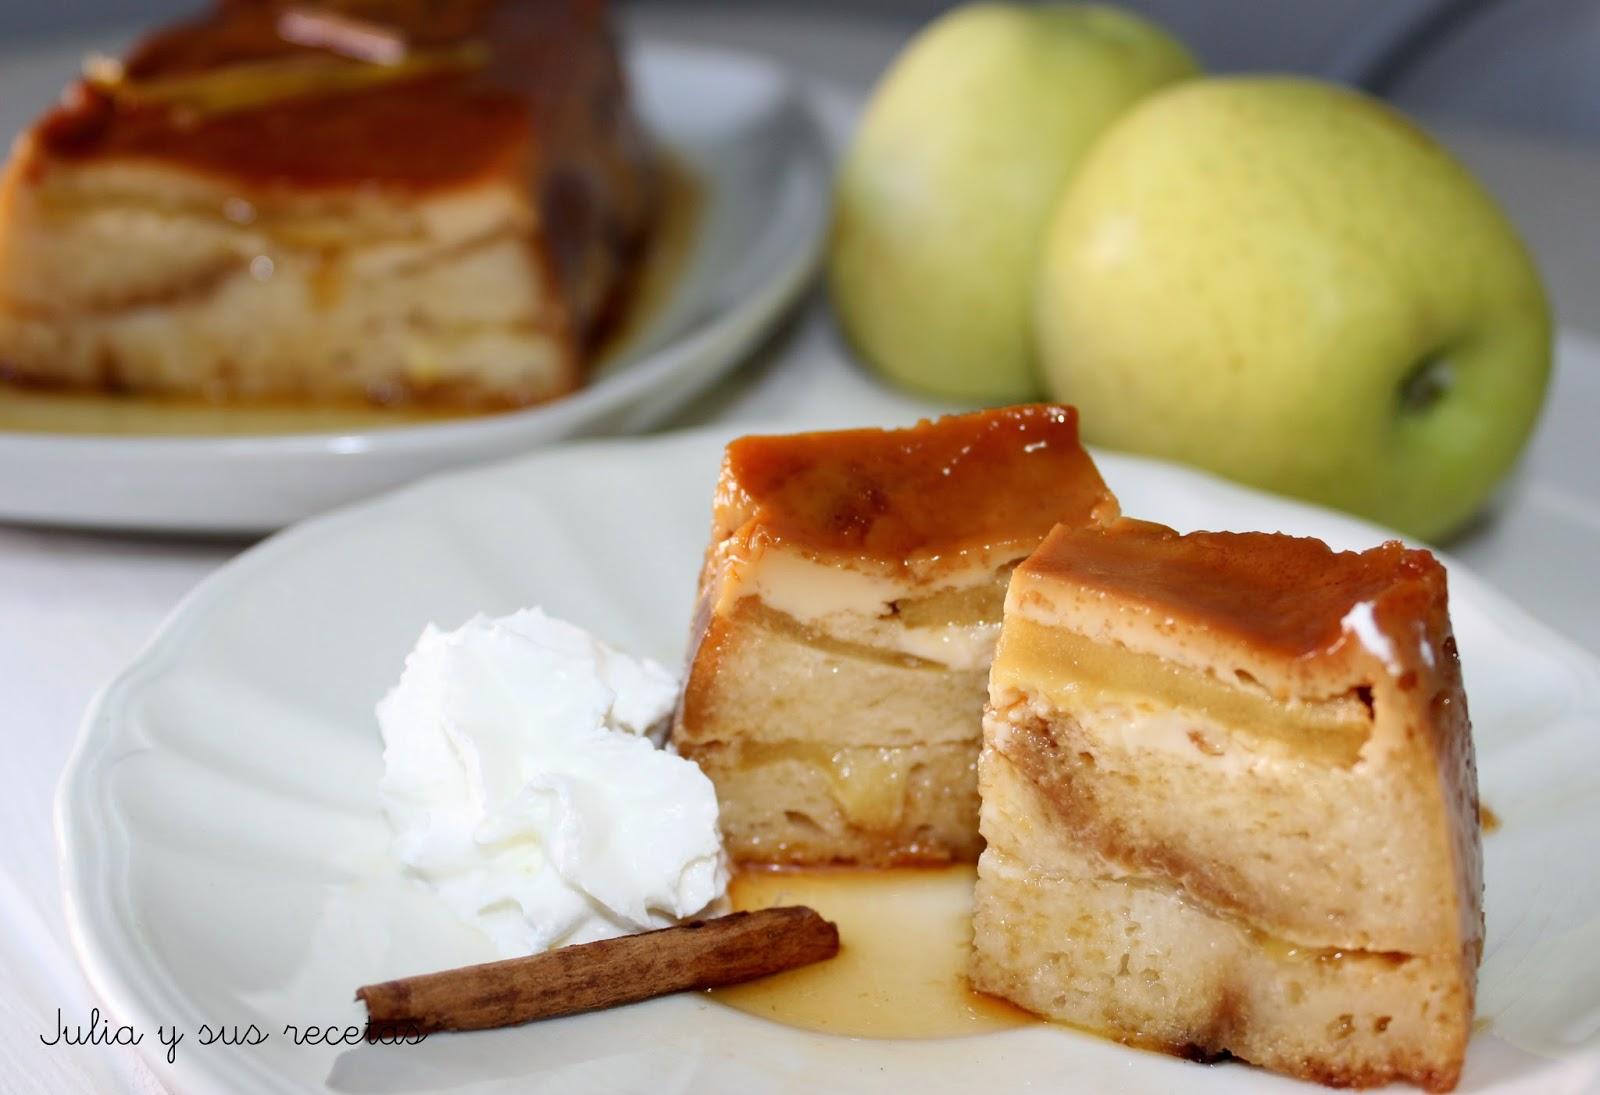 Pudin de manzana y magdalenas. Julia y sus recetas